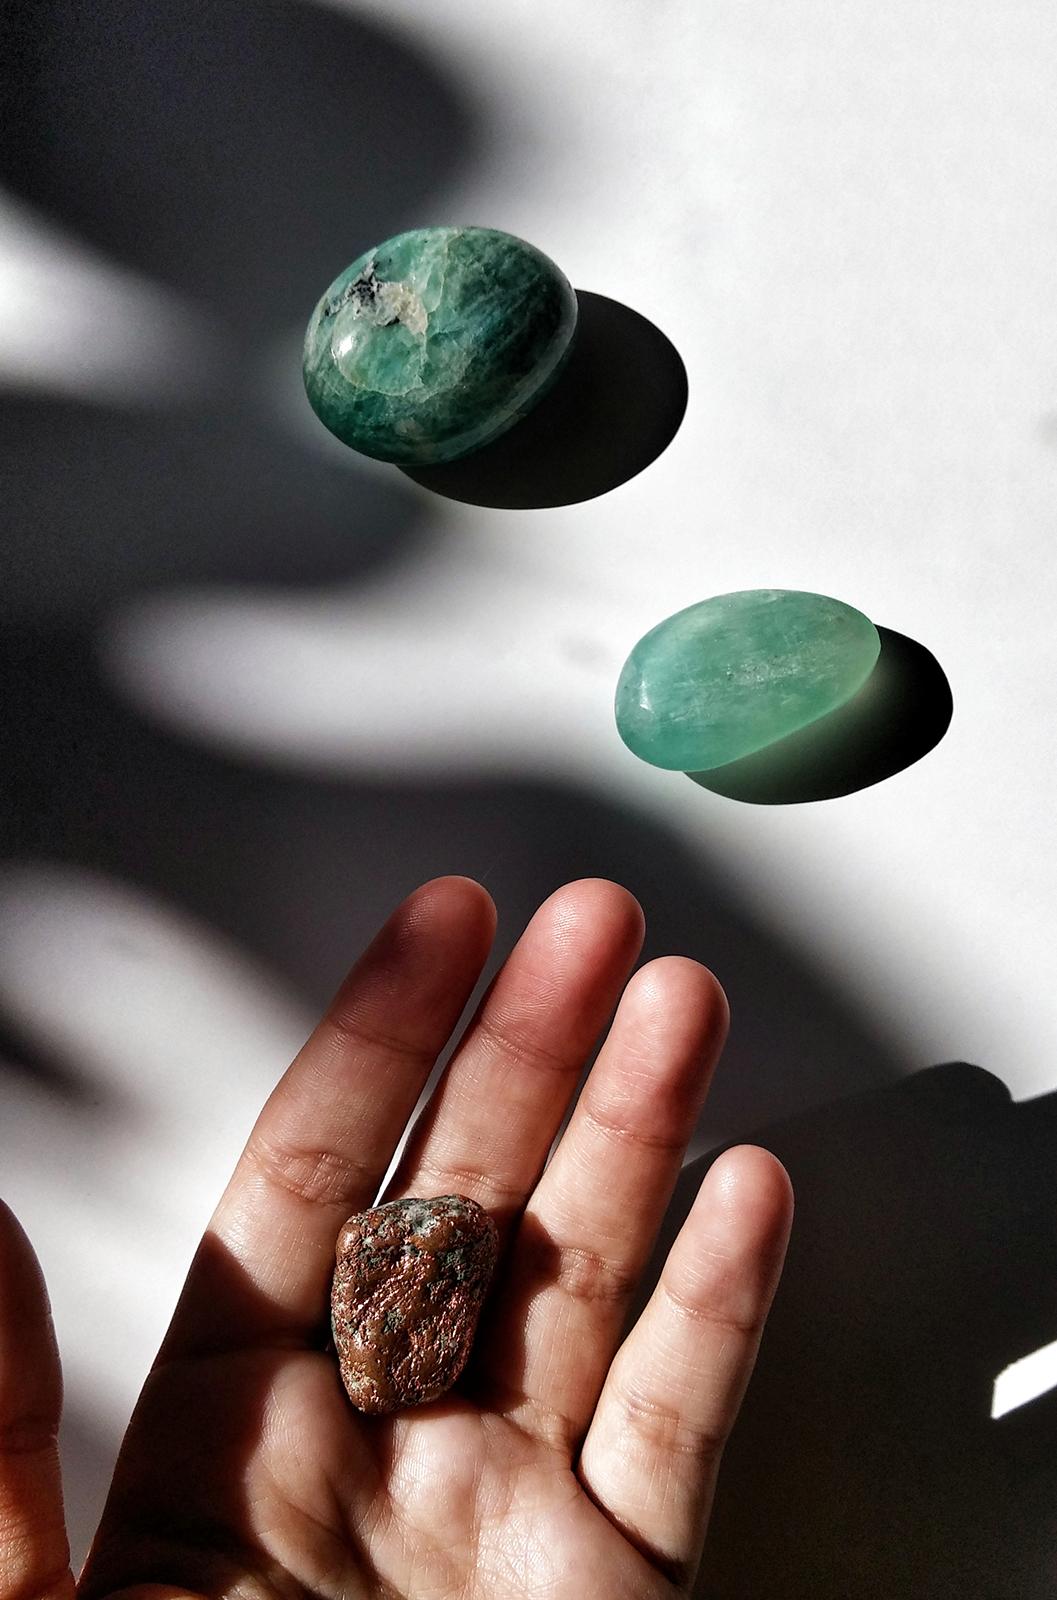 Comment les pierres m'accompagnent